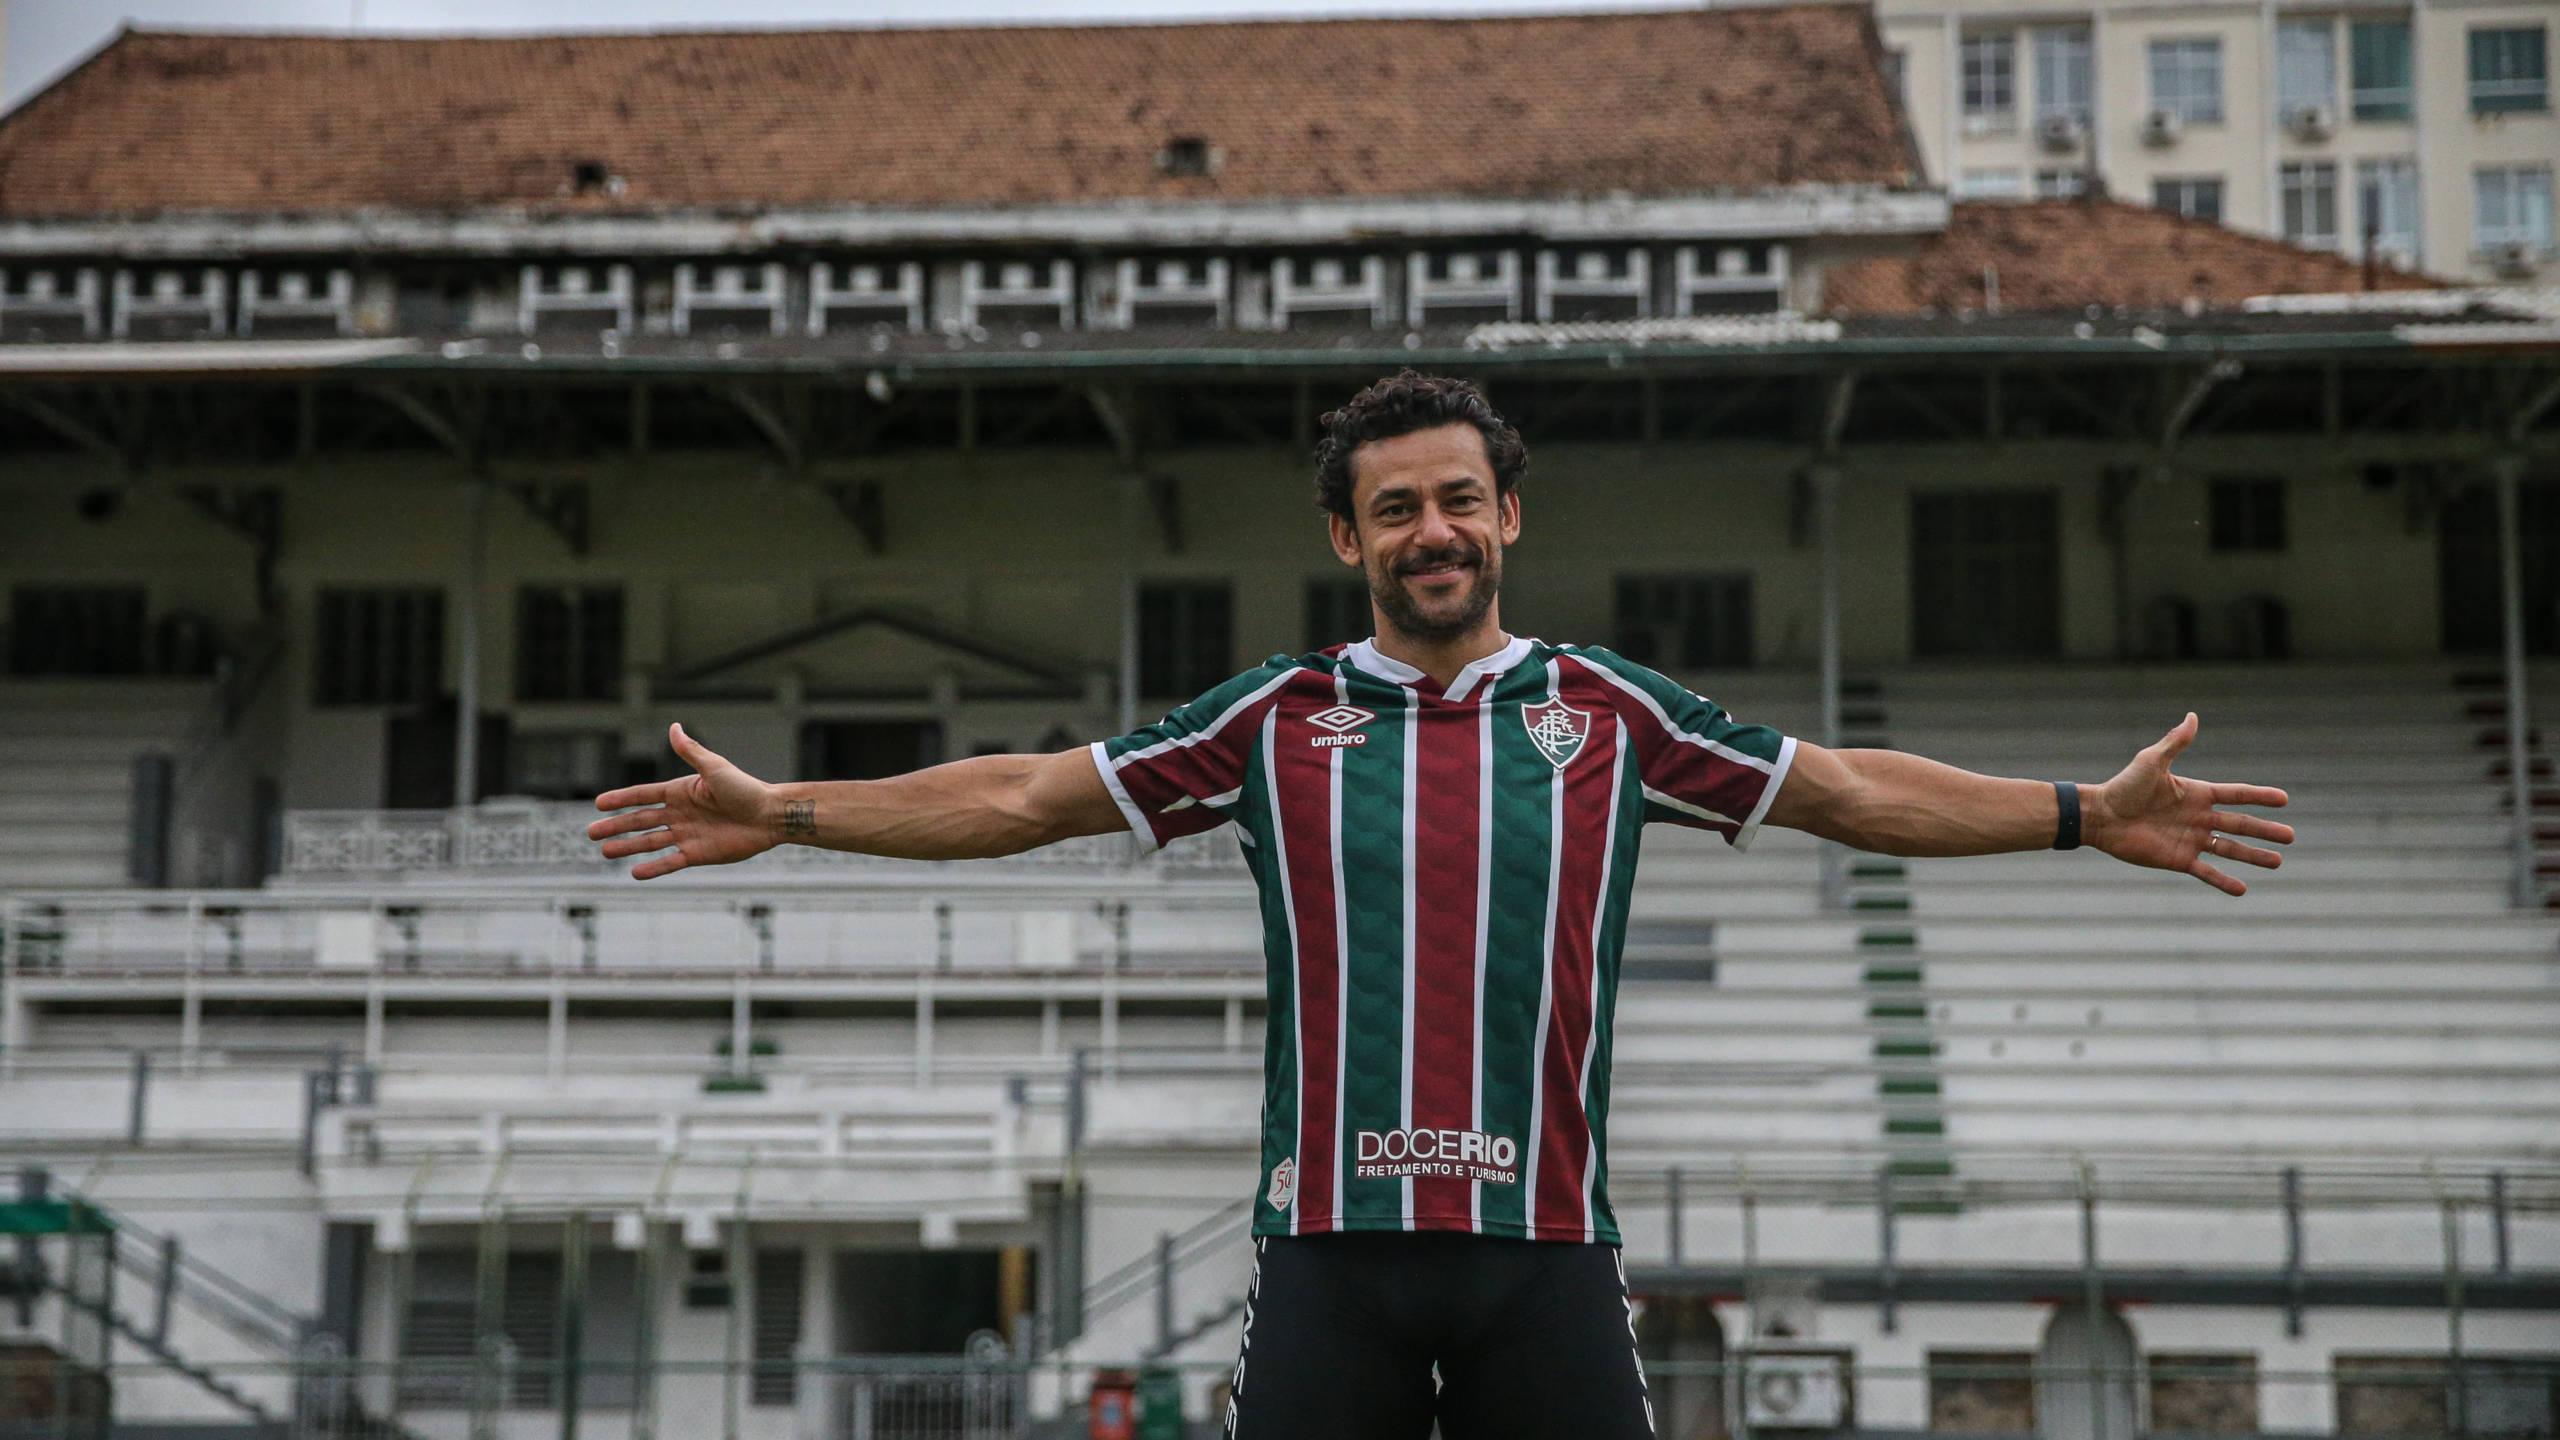 Saga de bicicleta chega ao fim e Fred enfim assina contrato com Fluminense